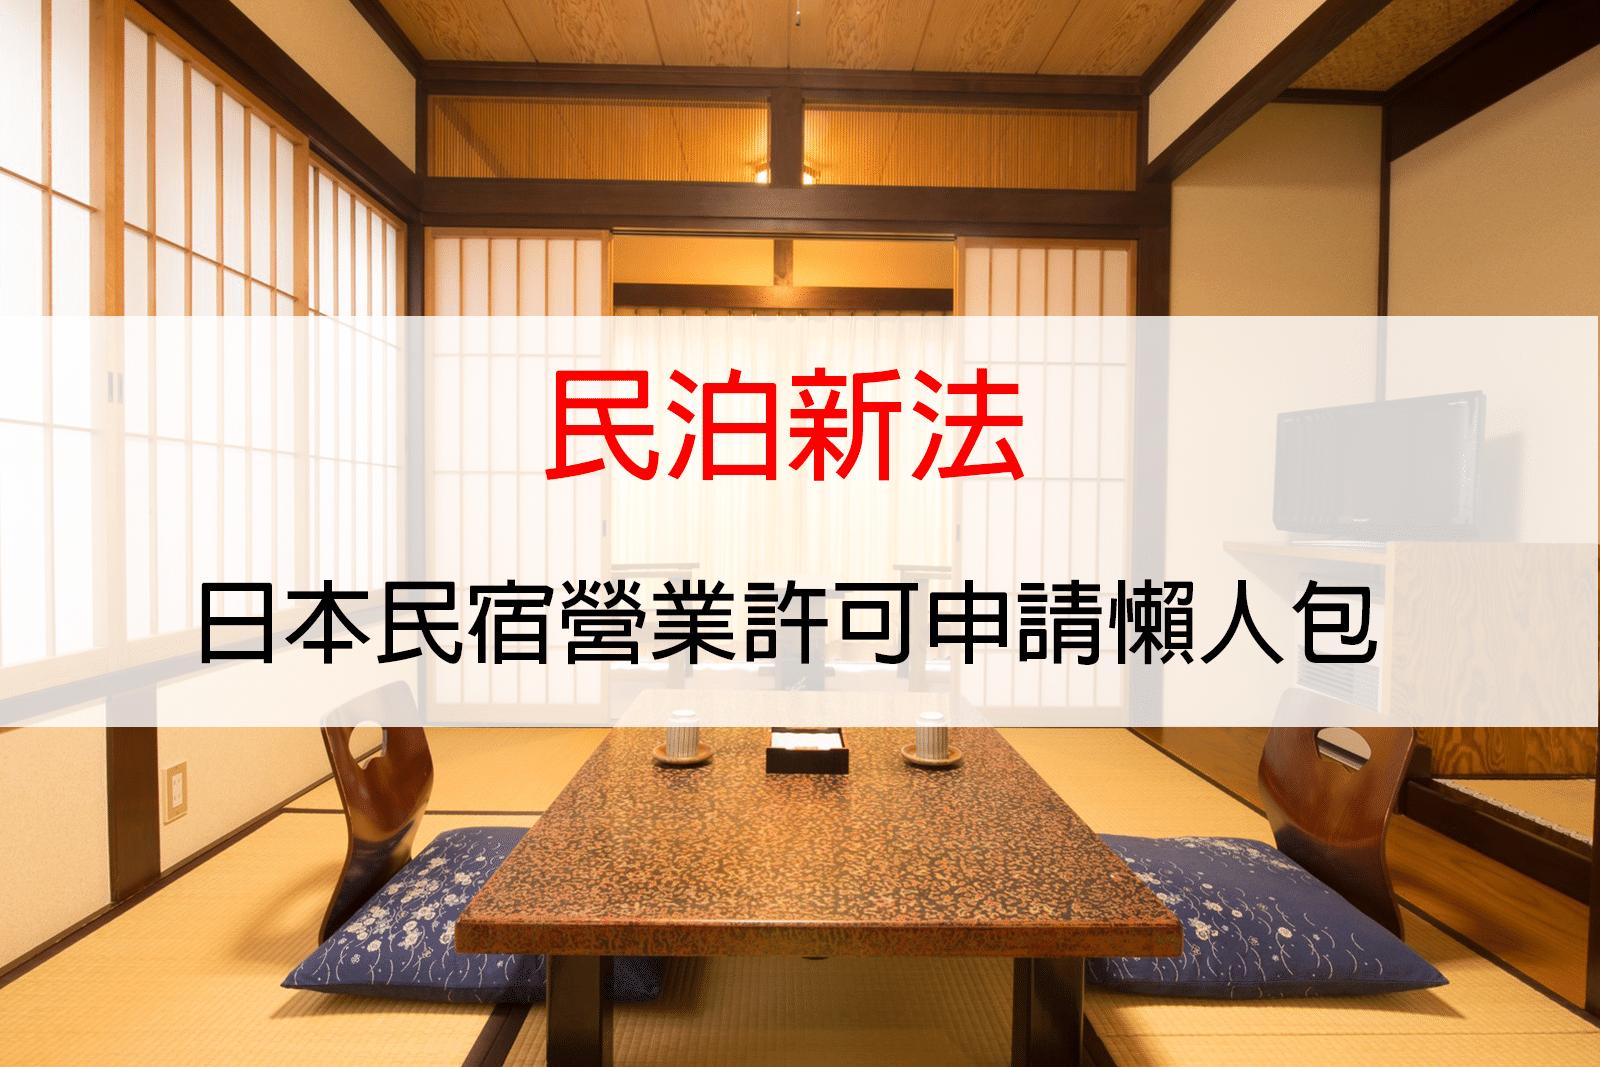 日本移民容易嗎?教你如何取得日本長期居留簽證